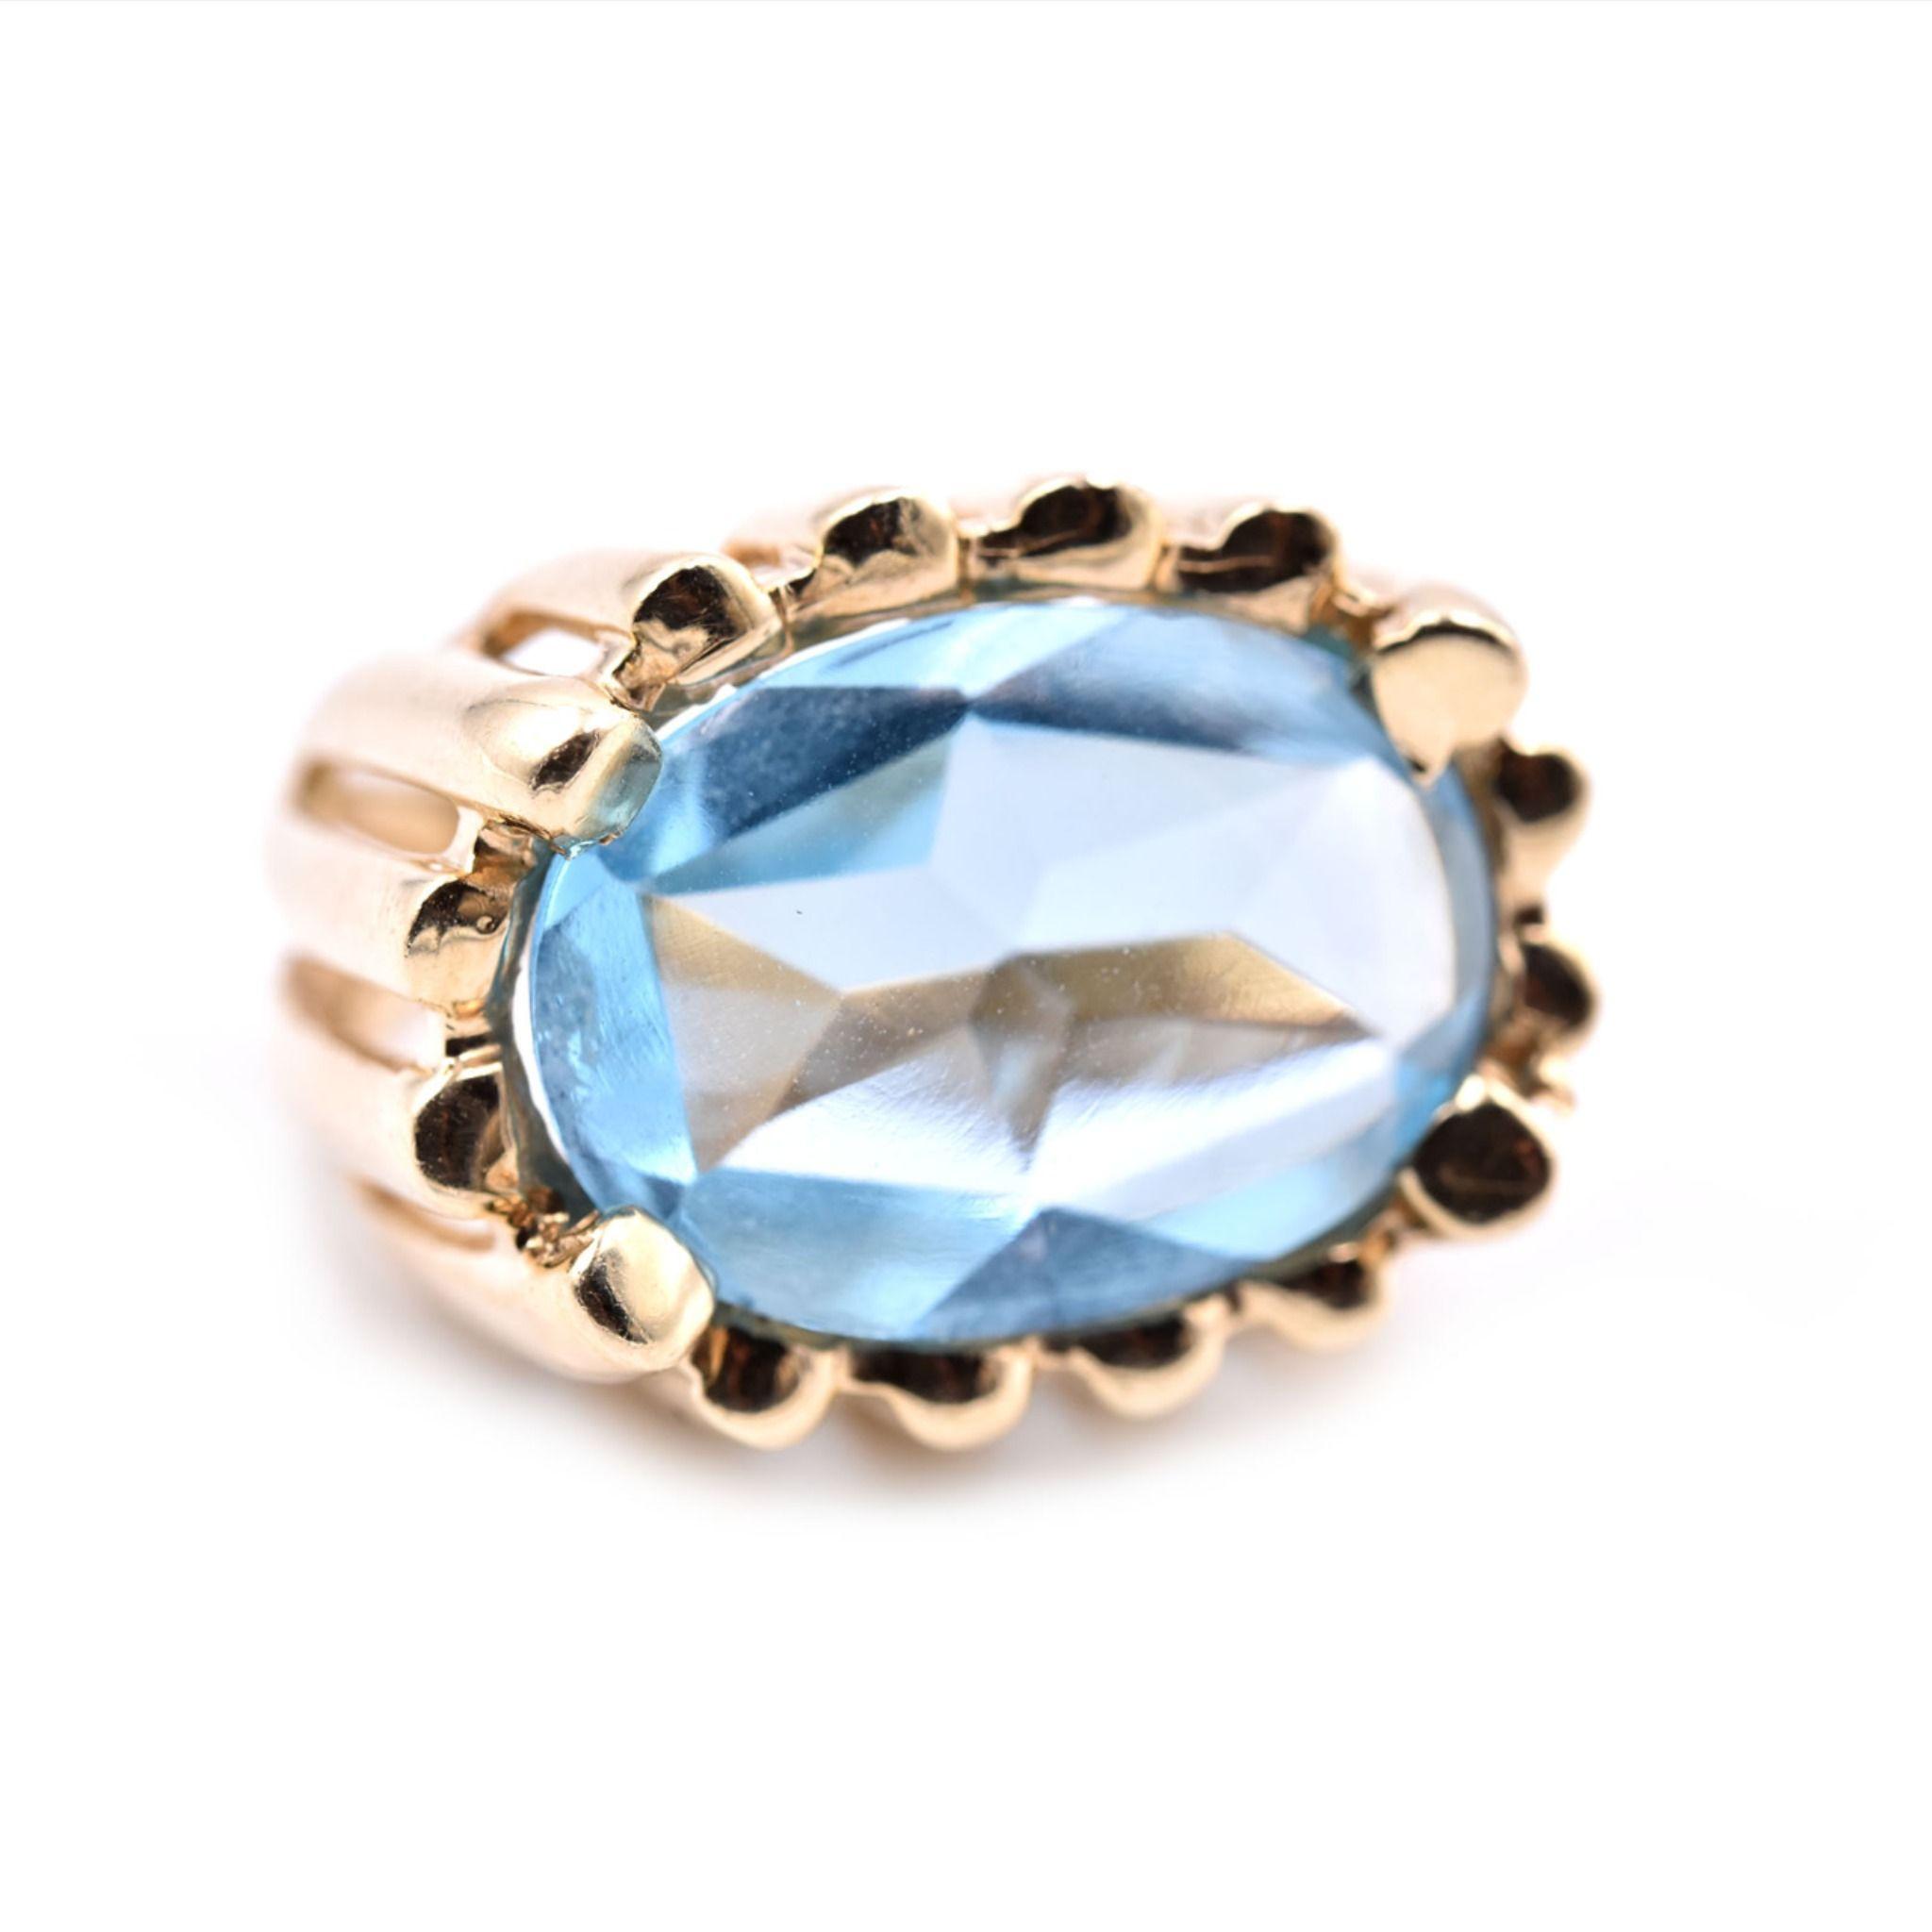 Vintage 14k Yellow Gold Blue Topaz Cabochon 200 1888 Jewelry From The Estate Watch Jewelry Company Scottsdale Az Gold Topaz Topaz Jewelry